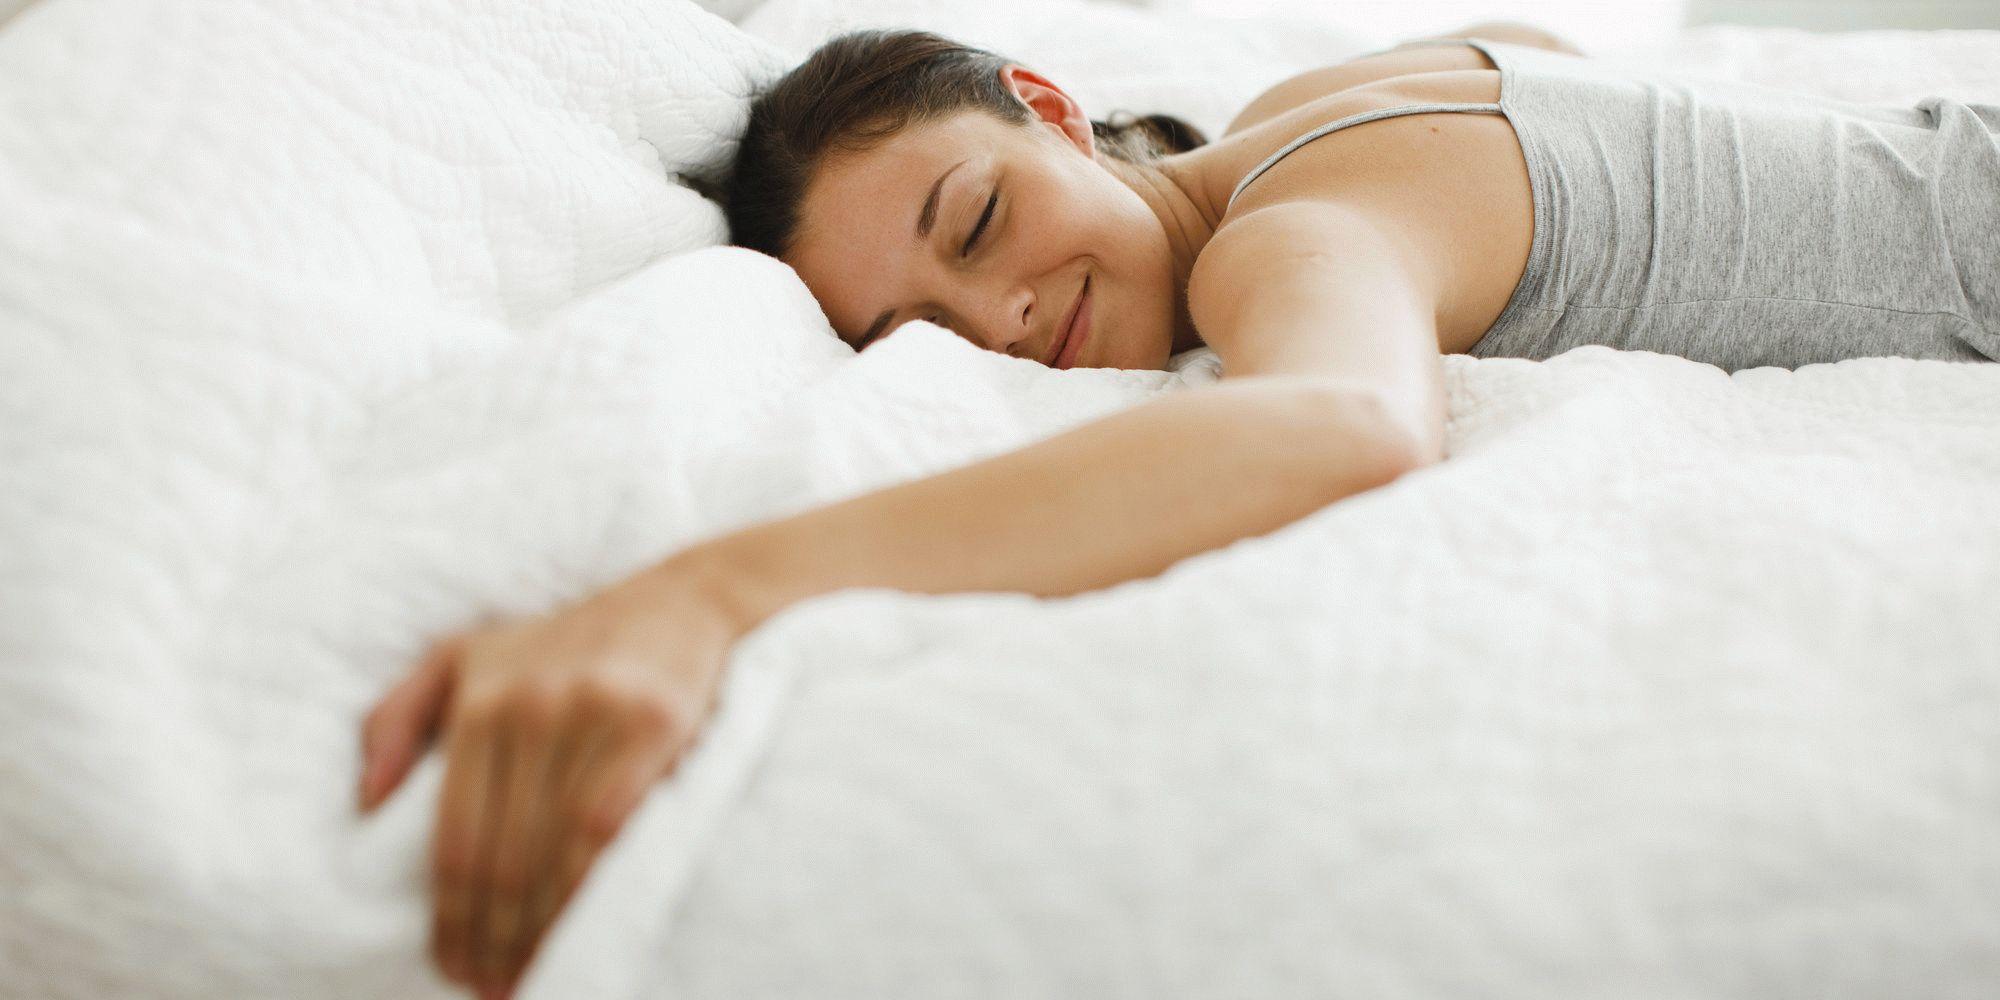 Как увидеть во сне будущего мужа с воскресенья на понедельник